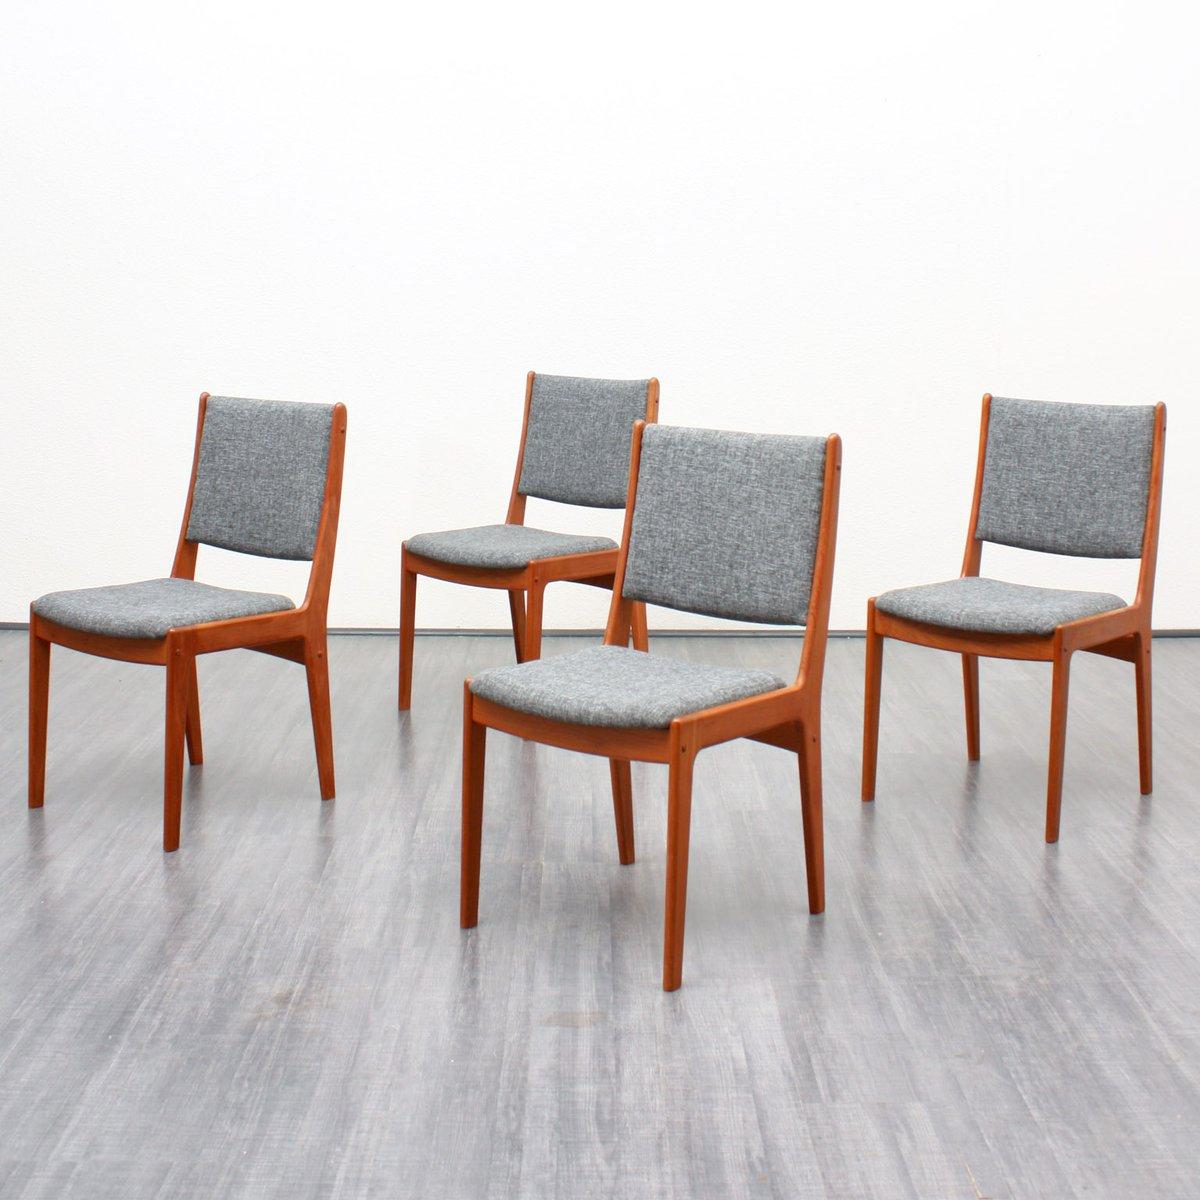 chaises en teck avec tapisserie grise 1960s set de 4 en vente sur pamono. Black Bedroom Furniture Sets. Home Design Ideas